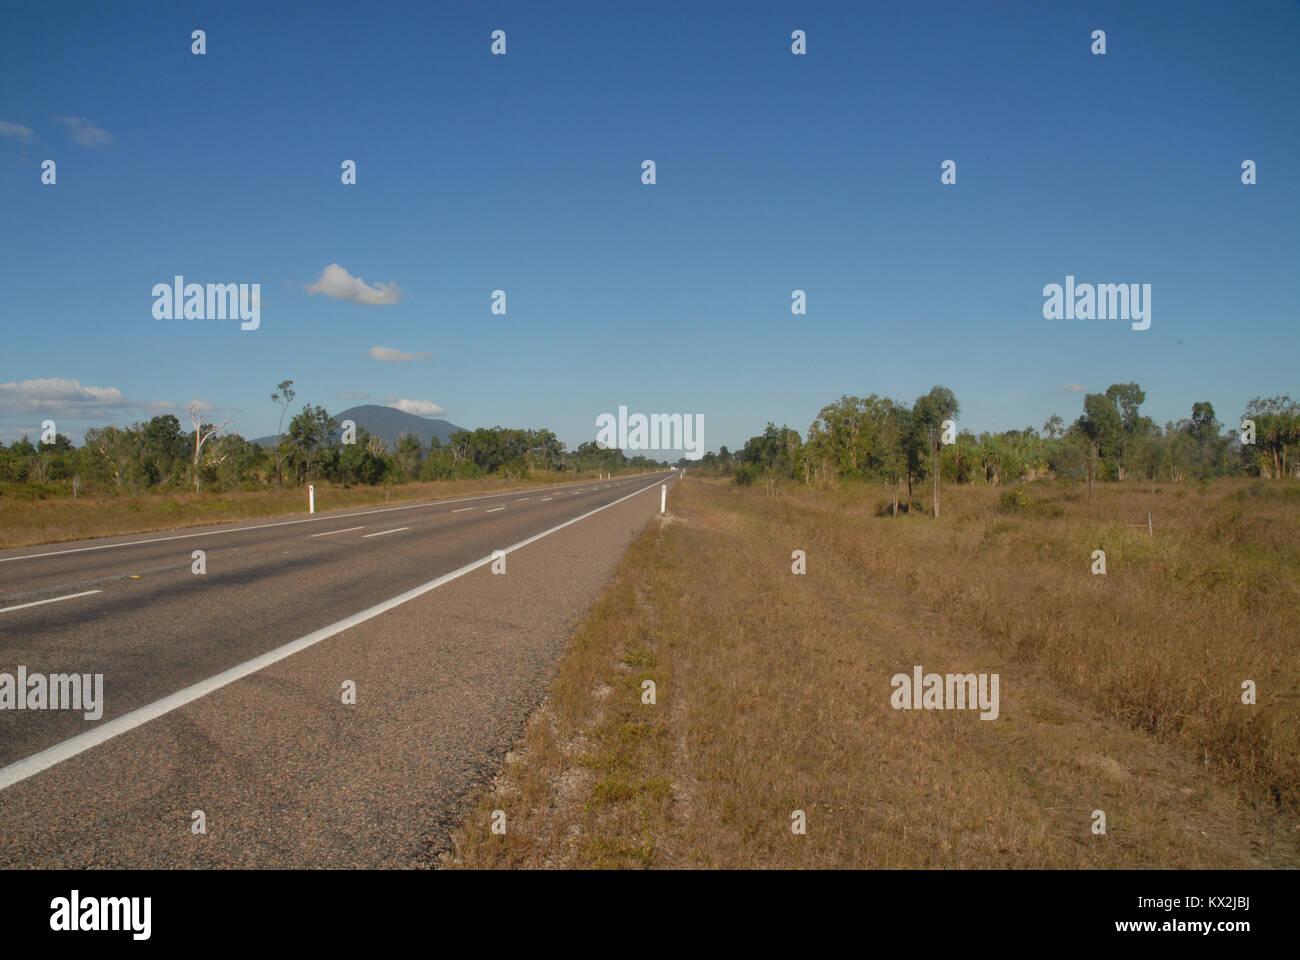 Pacific Highway in Queensland, Australia - Stock Image